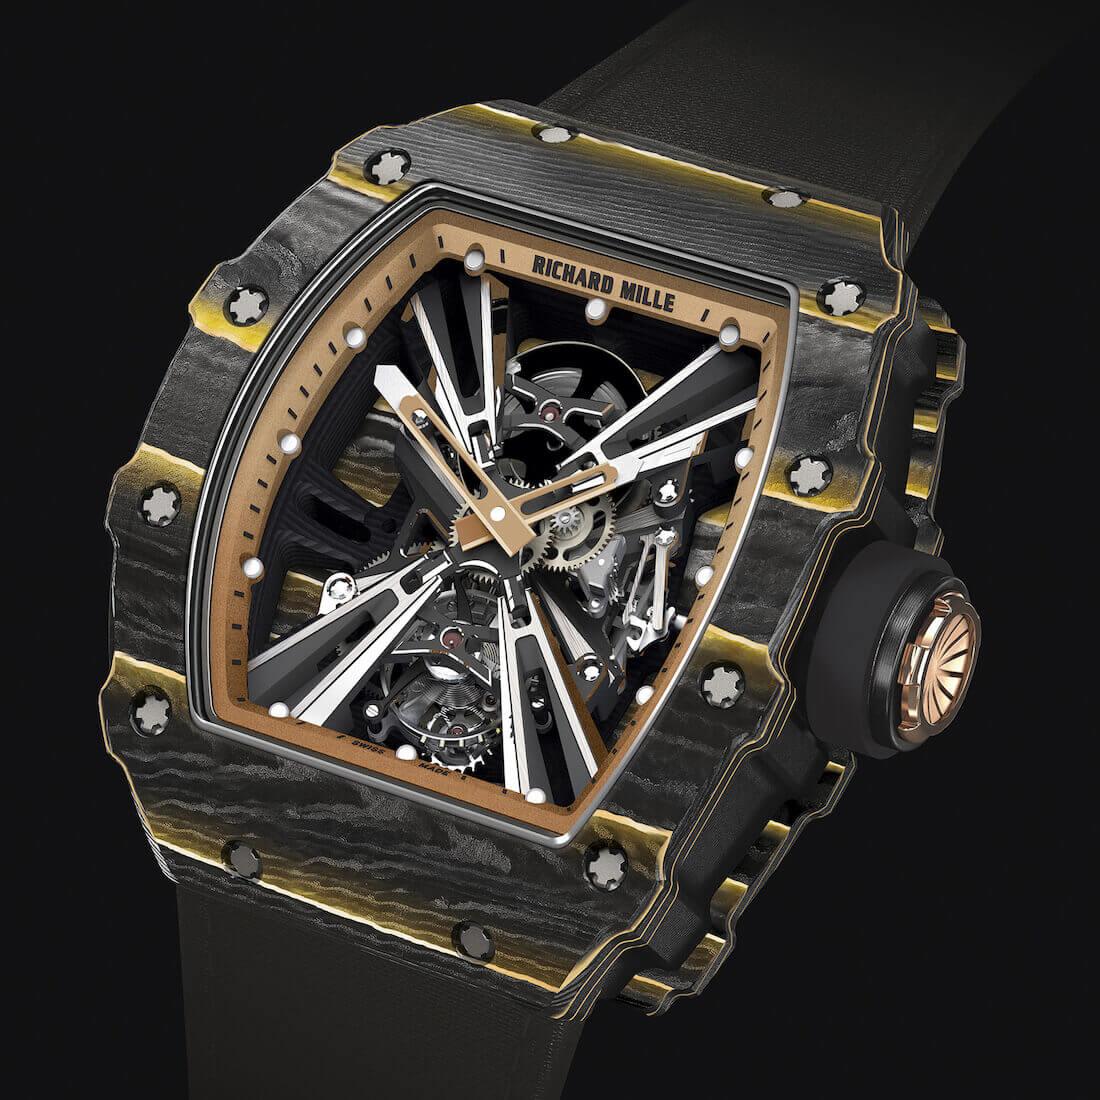 Ricaher Mille RM 12-01 Gold Carbon TPT saat haber